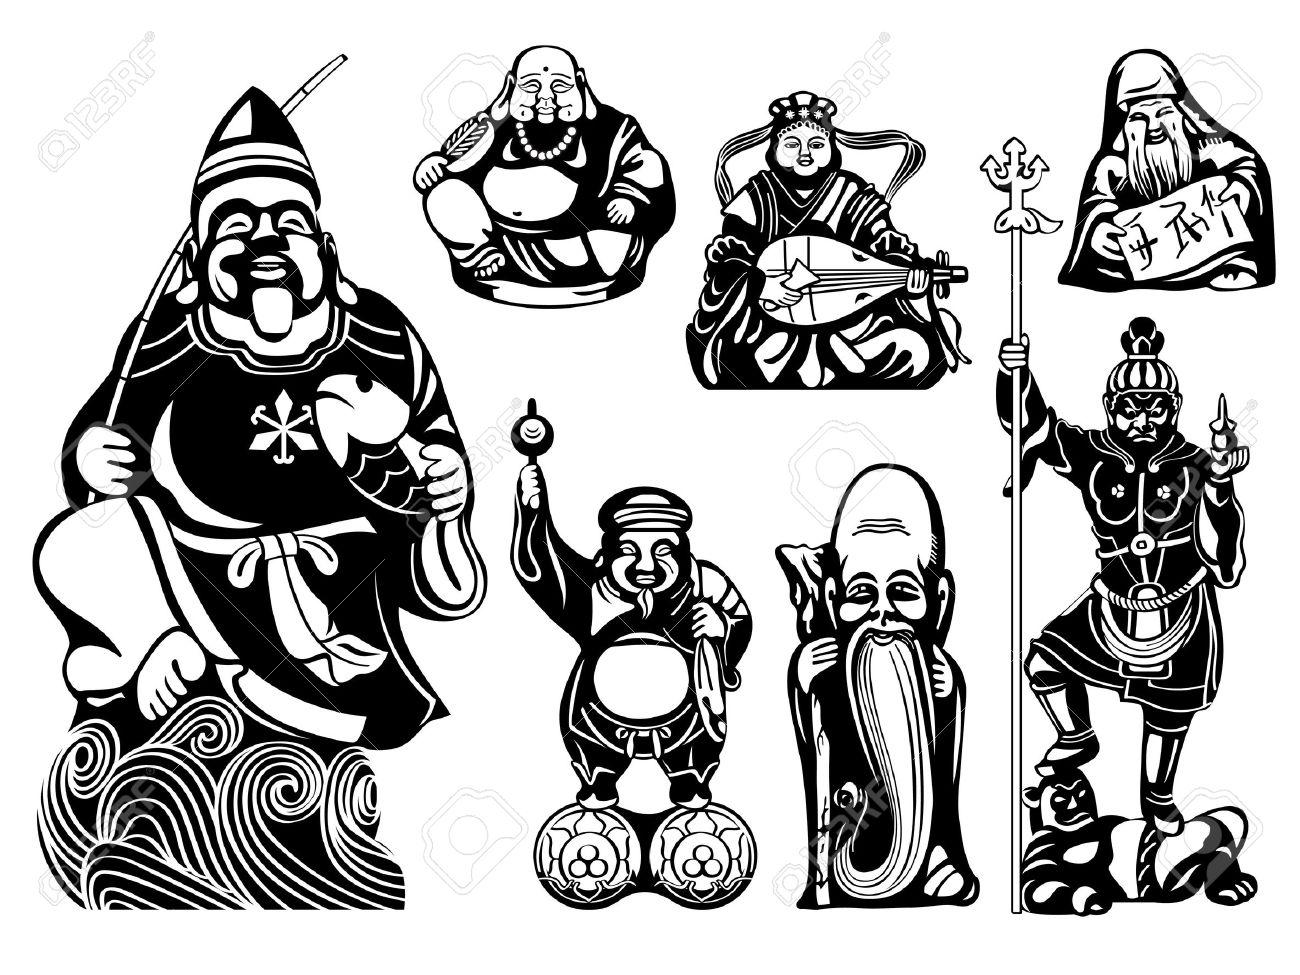 日本七福神 恵比寿布袋弁財天寿老人大黒福禄寿毘沙門天